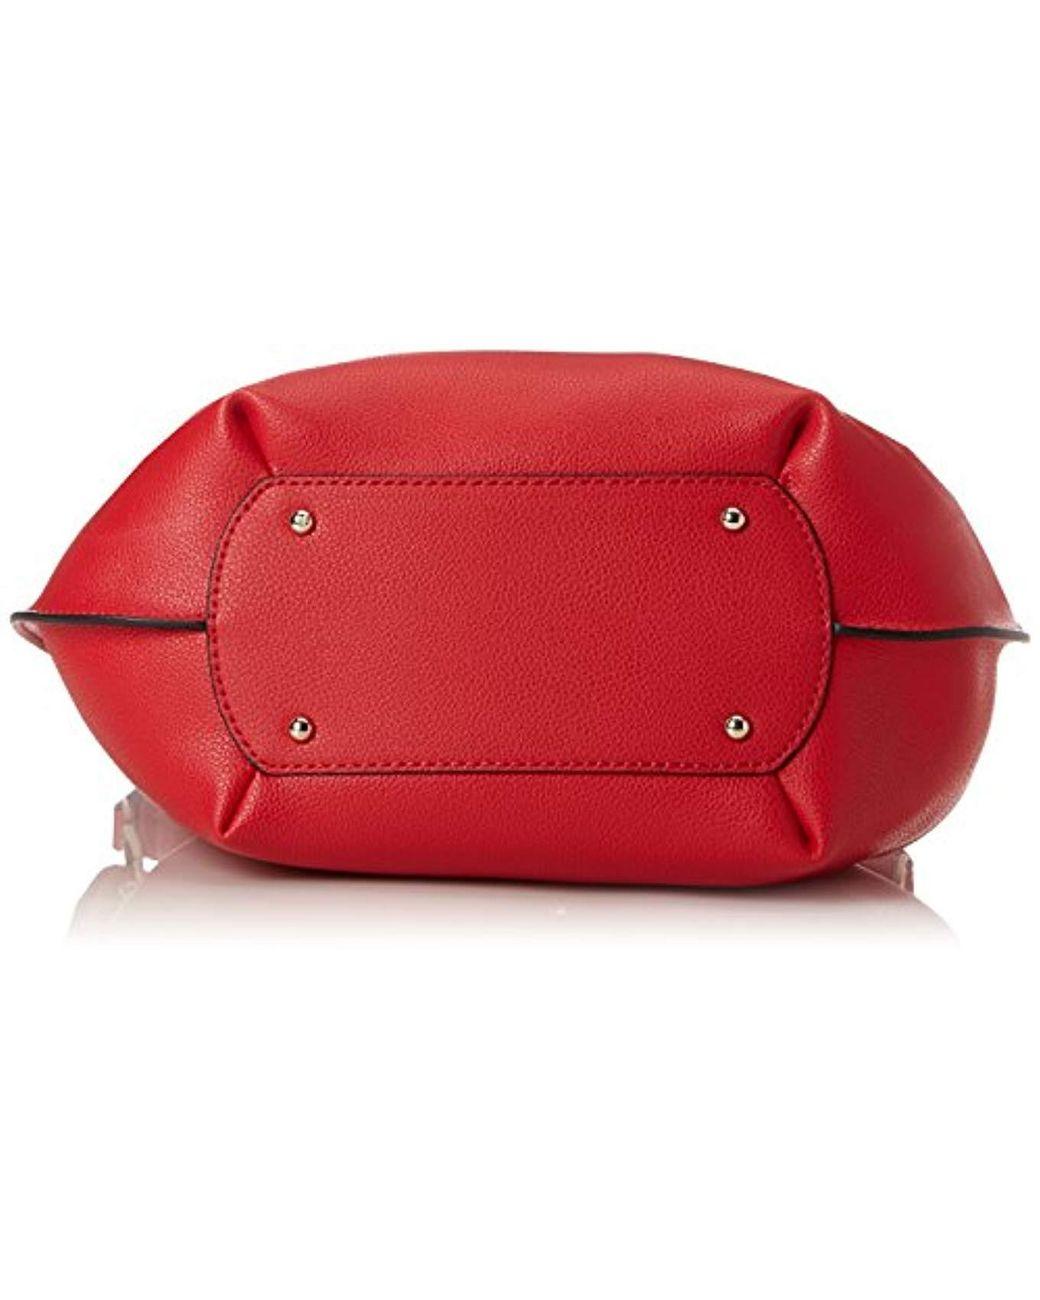 30abcffa0c Hwvg6853030, Cartables Guess en coloris Rouge - Lyst